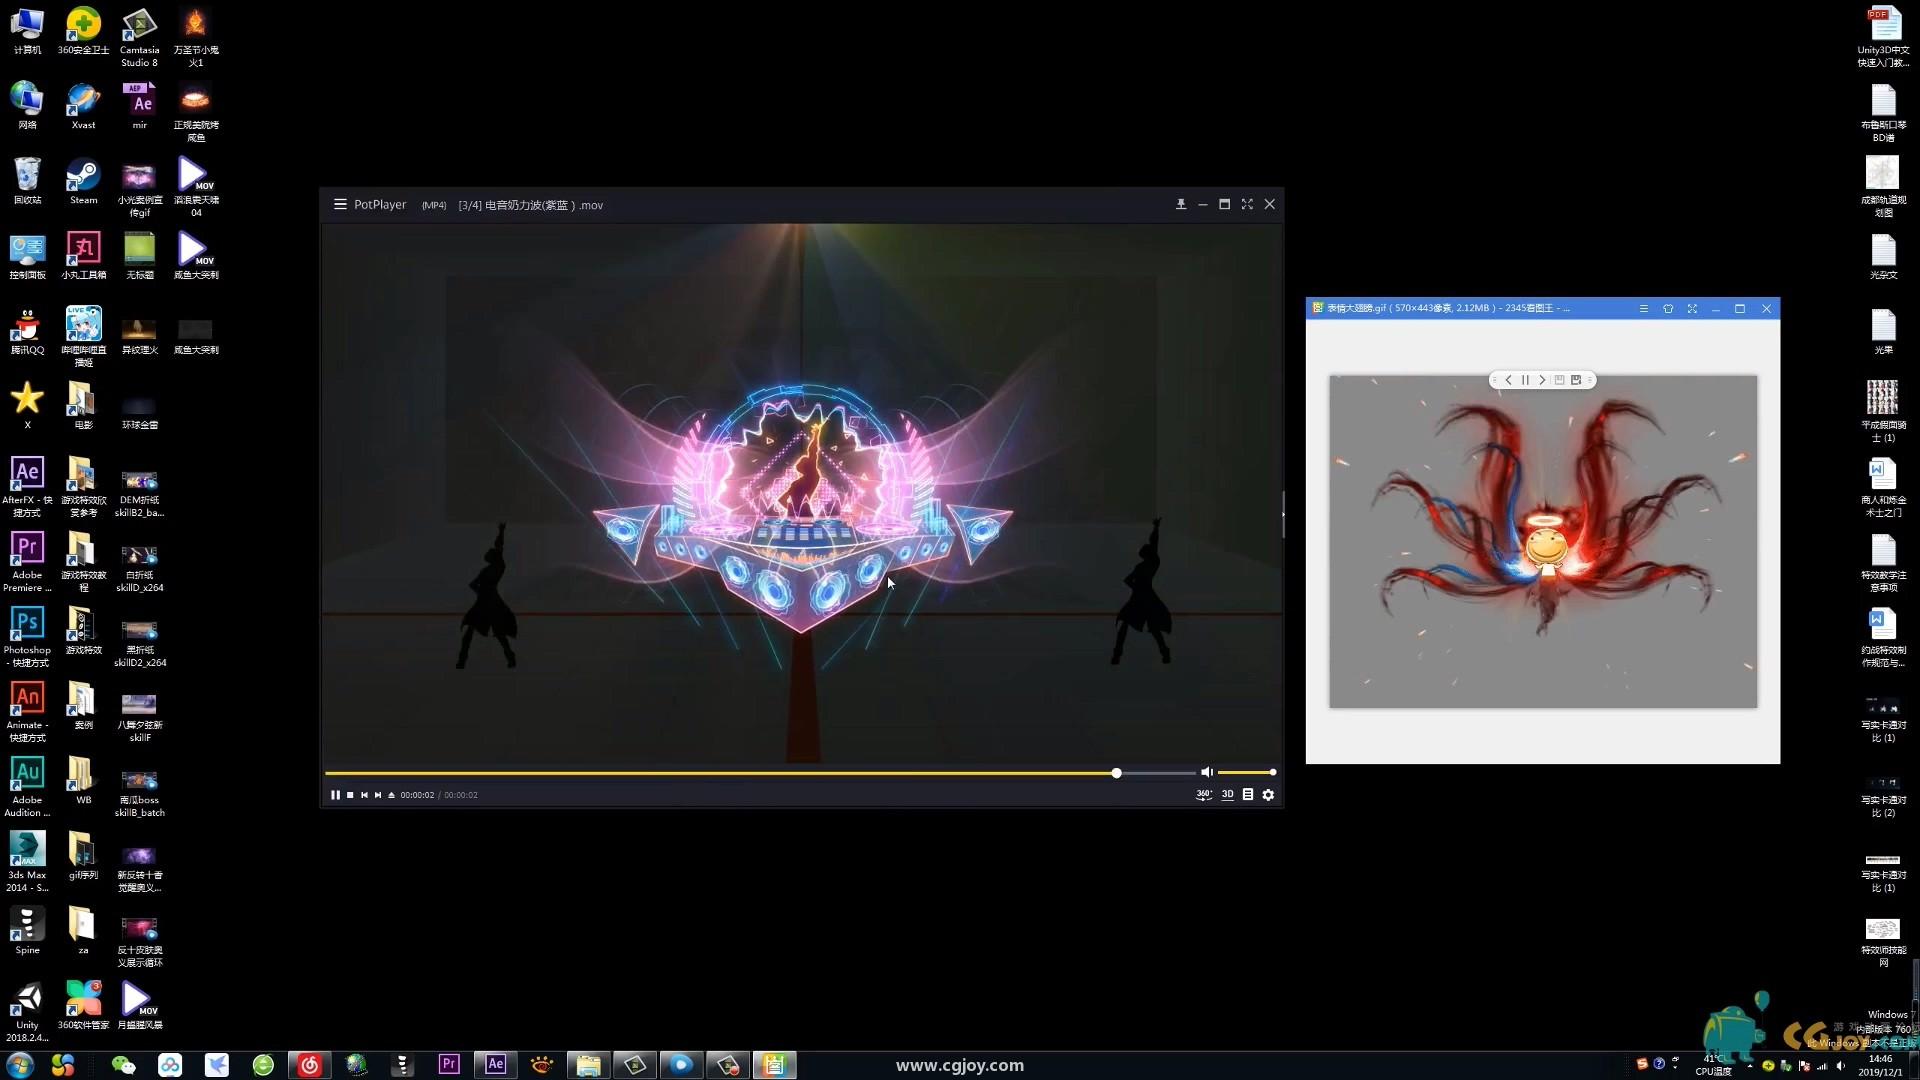 超人小光——游戏特效元素的共用与衍化.mp4_20191204_113621.090.jpg